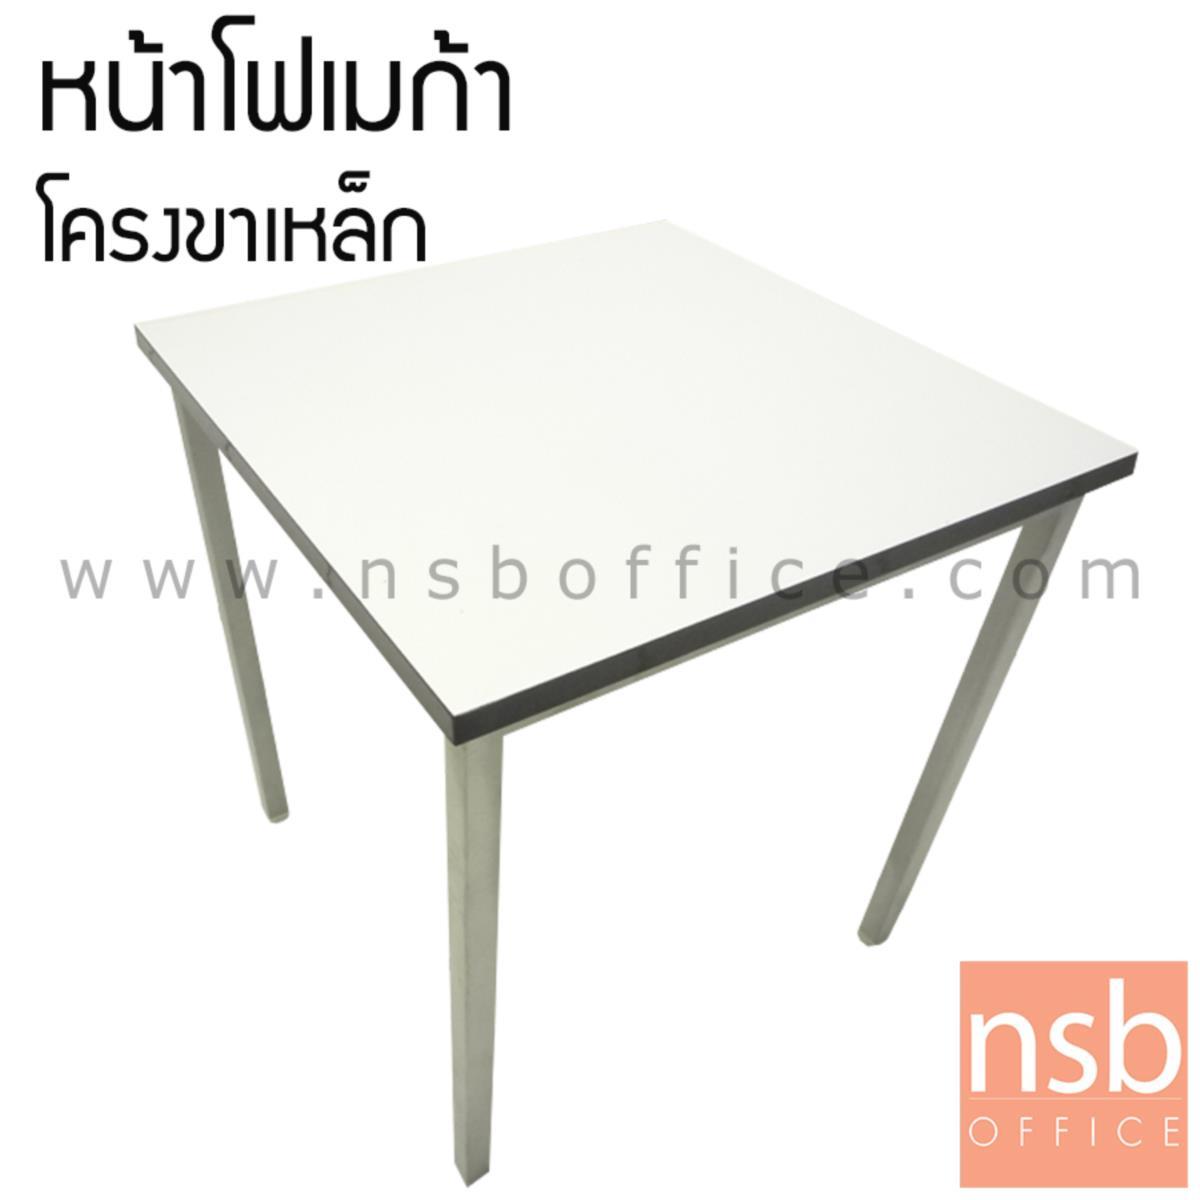 A07A054:โต๊ะประชุมหน้าโฟเมก้าขาว รุ่น Bradlee (แบรดลีย์) ขนาด 75W cm.   ขาเหล็กชุบโครเมียมมีจุกรองยาง